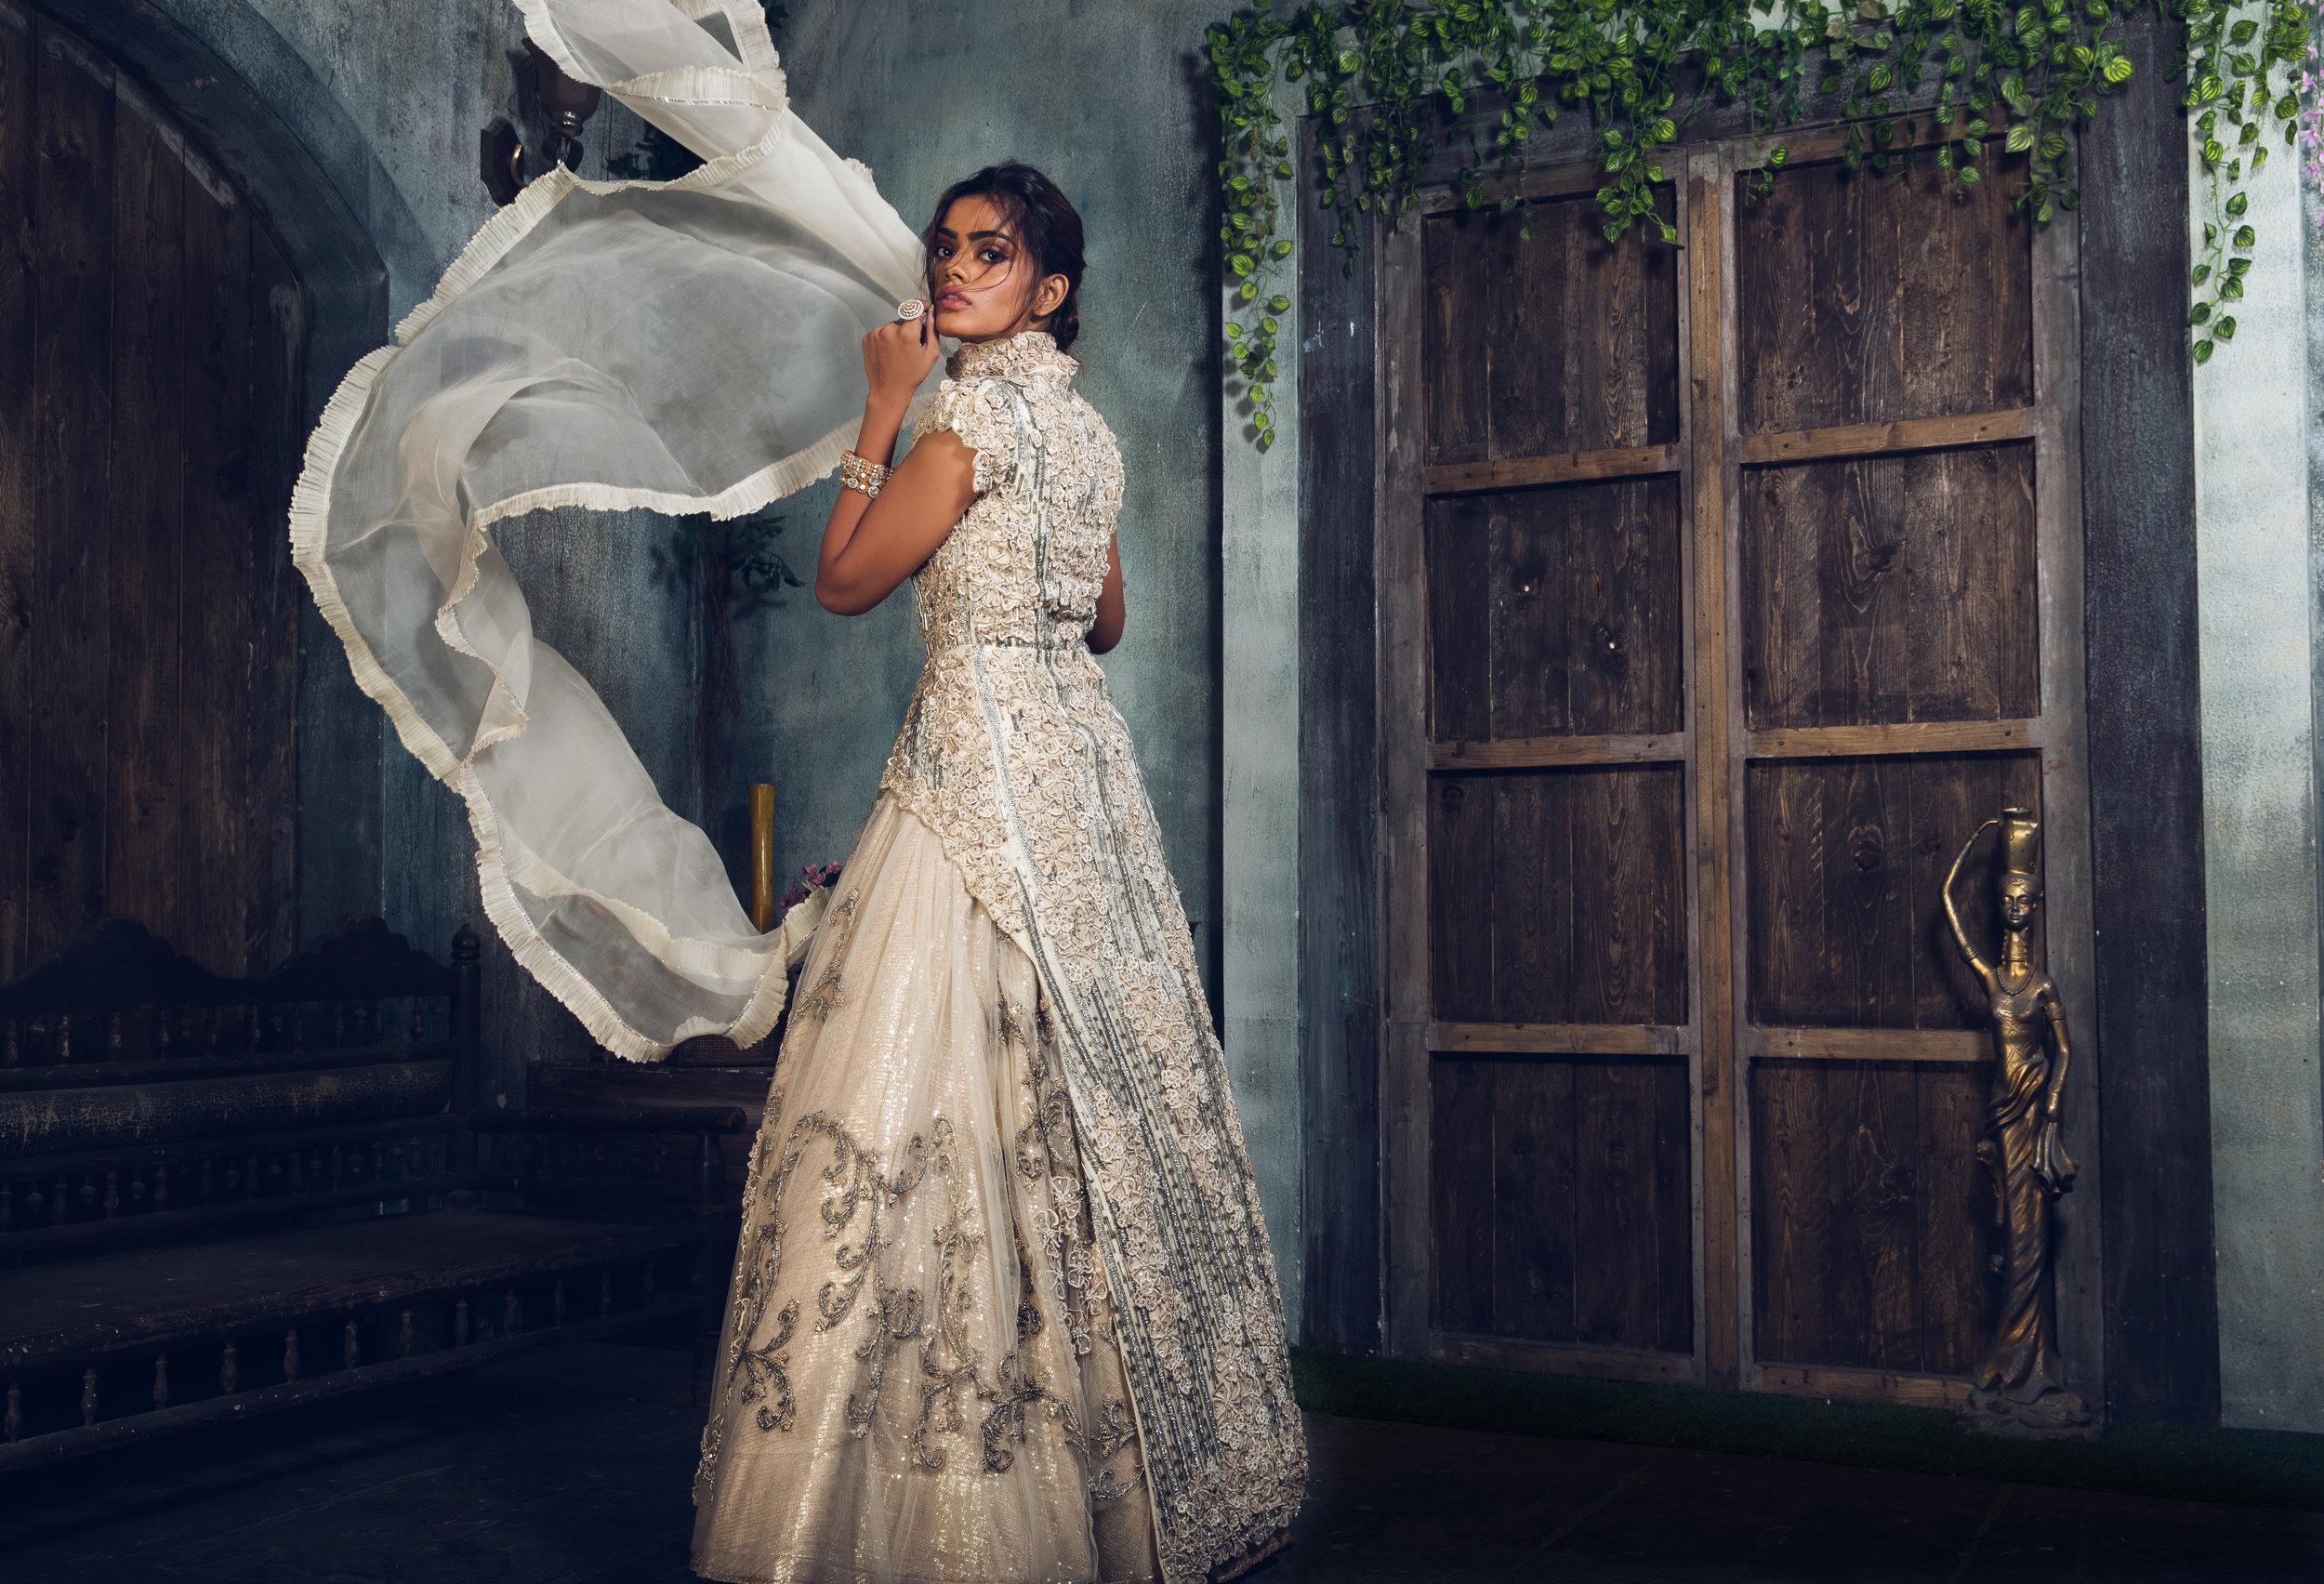 Shot by: The Visual Voyage   Brand: Raashi Kapoor  Styled by: Tanya Ghavri | Dhoom Dhaam Weddings  Hair & Makeup Artist: Tanvi Chemburkar